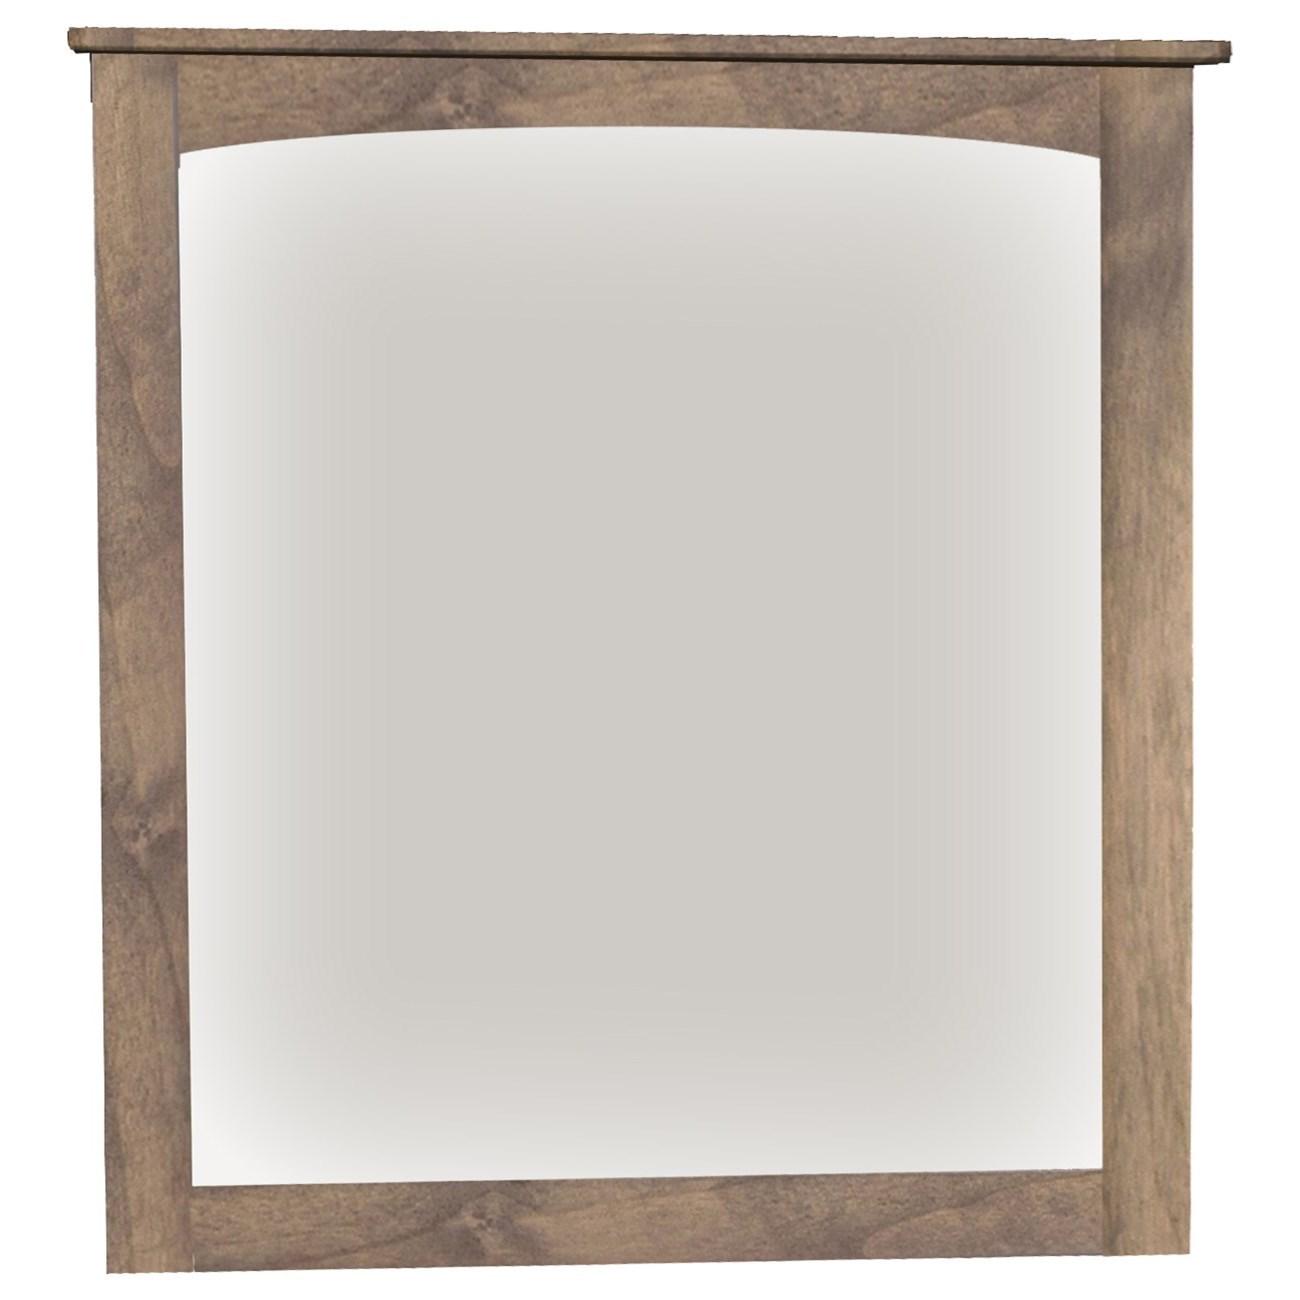 Alder Heritage Mirror by Archbold Furniture at Mueller Furniture